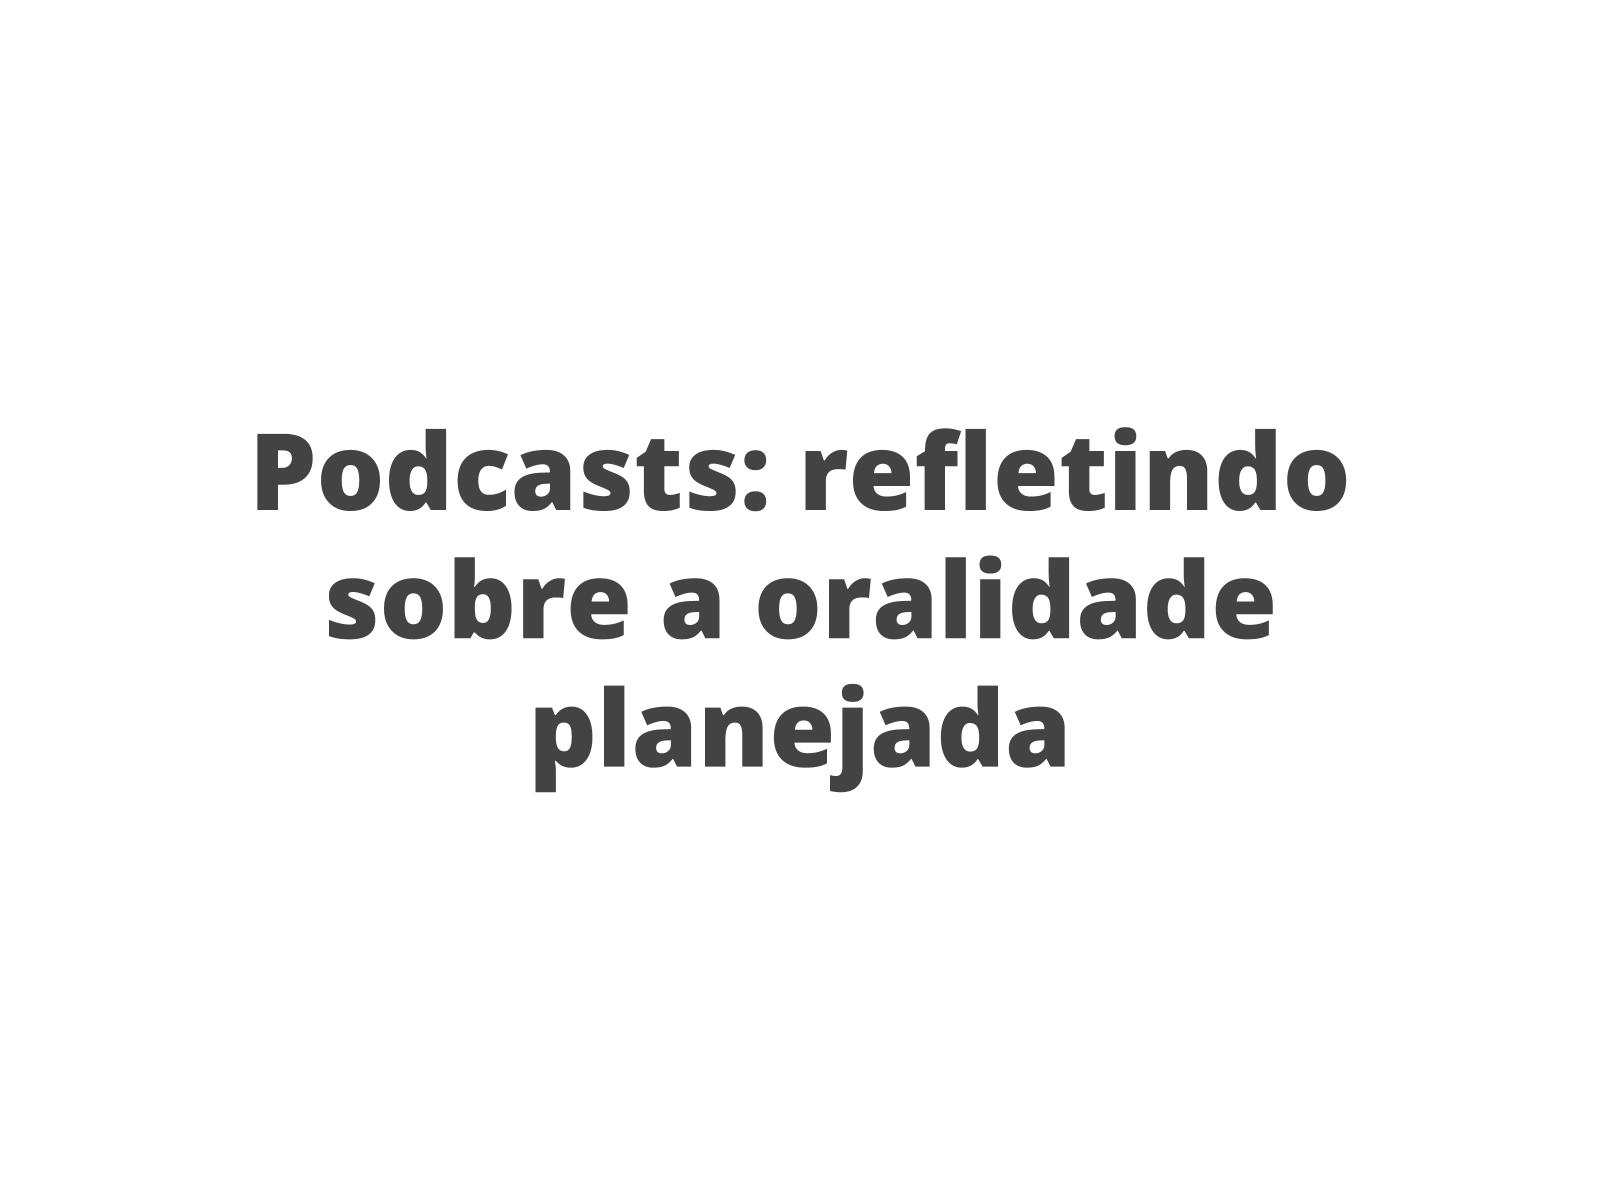 Apresentando e avaliando podcasts noticiosos